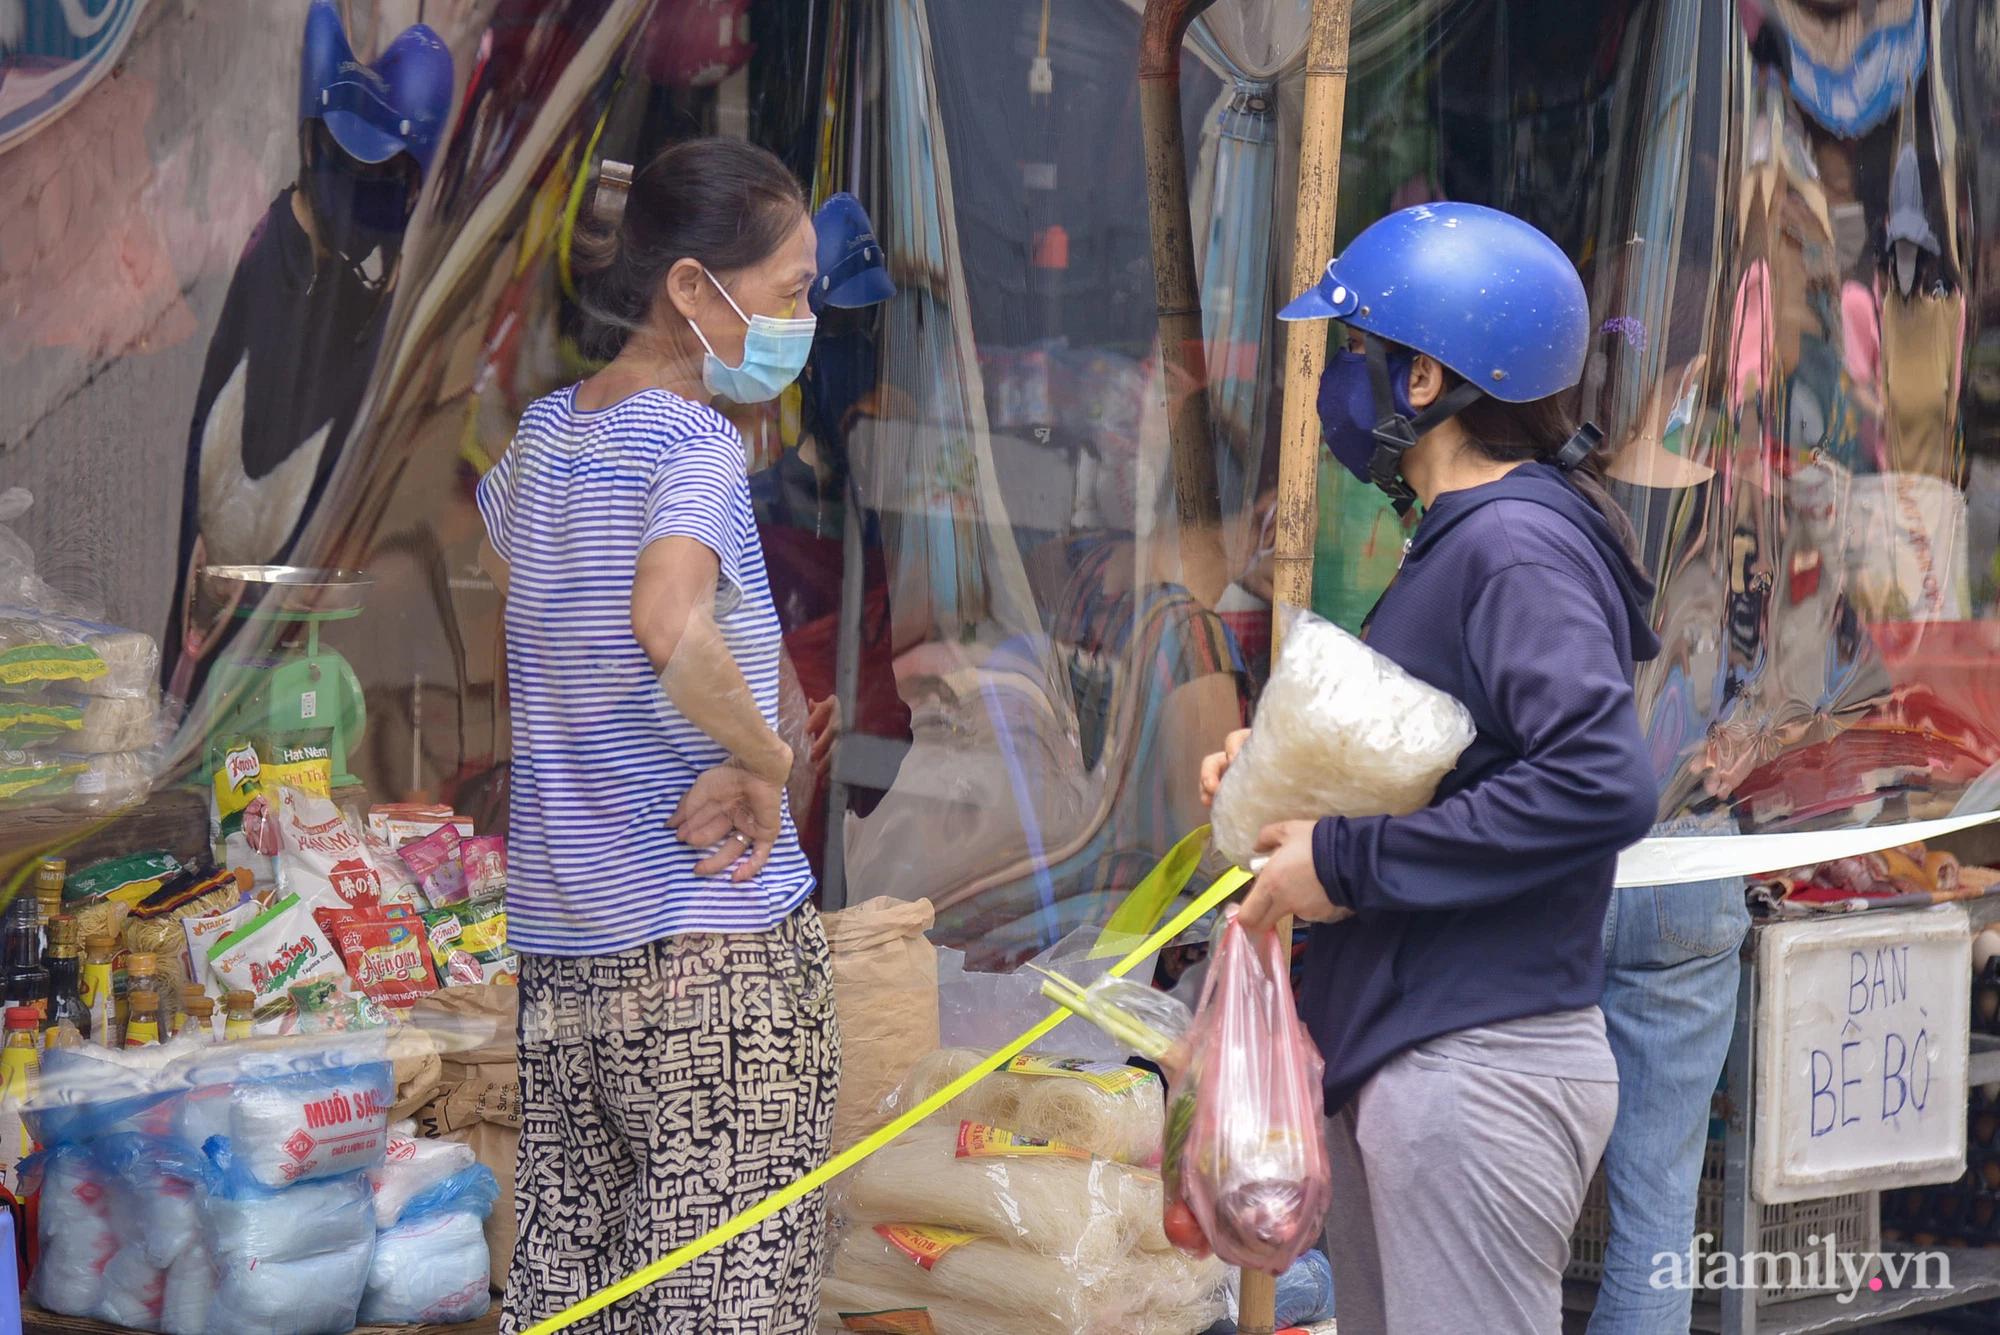 Ấn tượng với khu chợ dân sinh đầu tiên ở Hà Nội quây tấm nilon phòng dịch COVID-19, tiểu thương chia ca đứng bán theo ngày chẵn, lẻ - Ảnh 8.